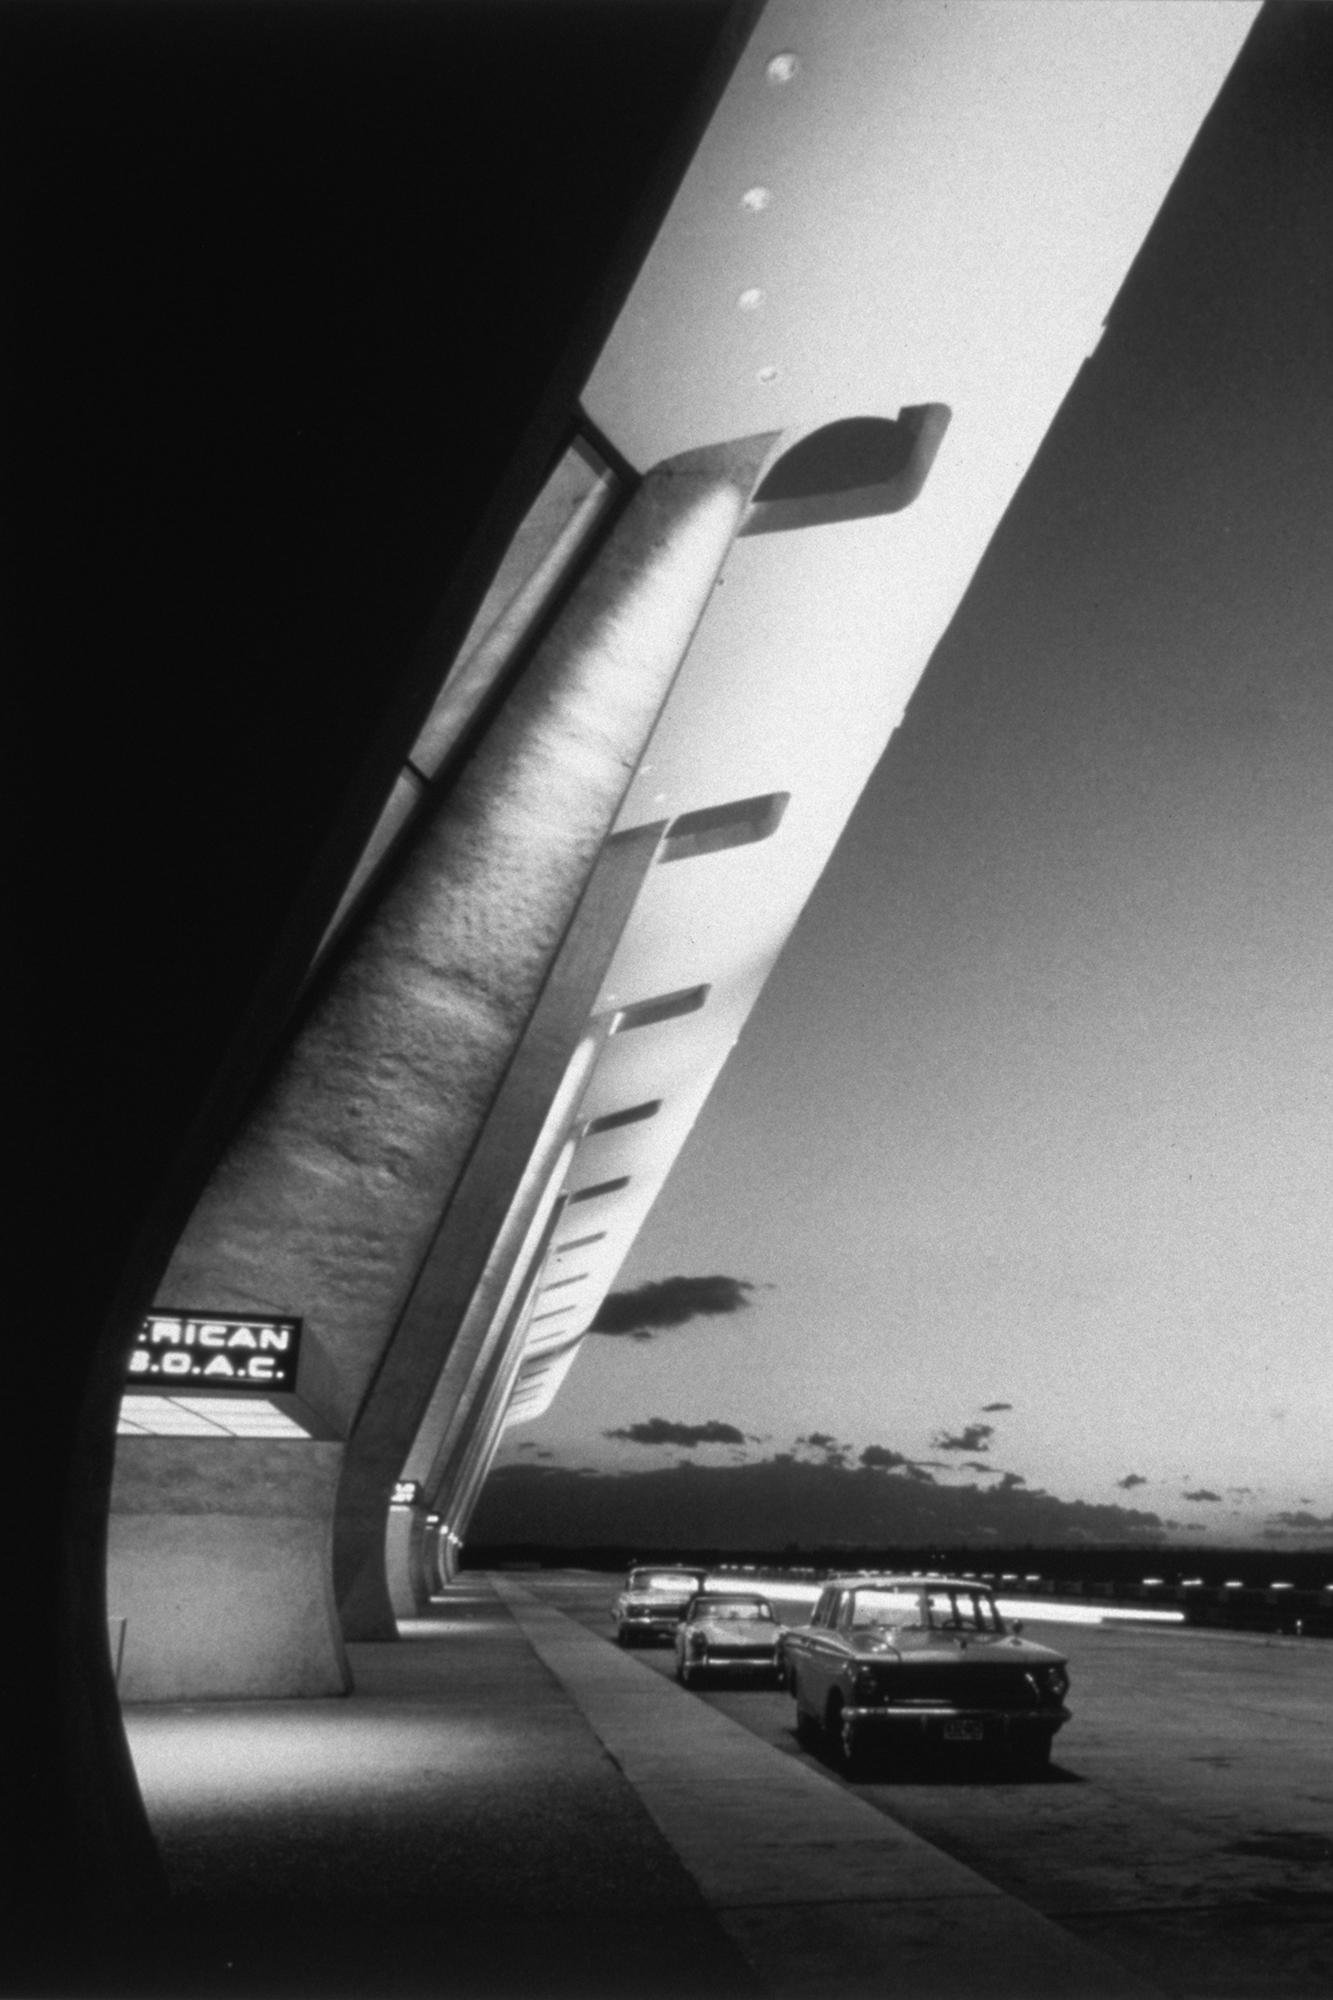 Dulles International Airport Terminal, Chantilly, Virginia, circa 1963